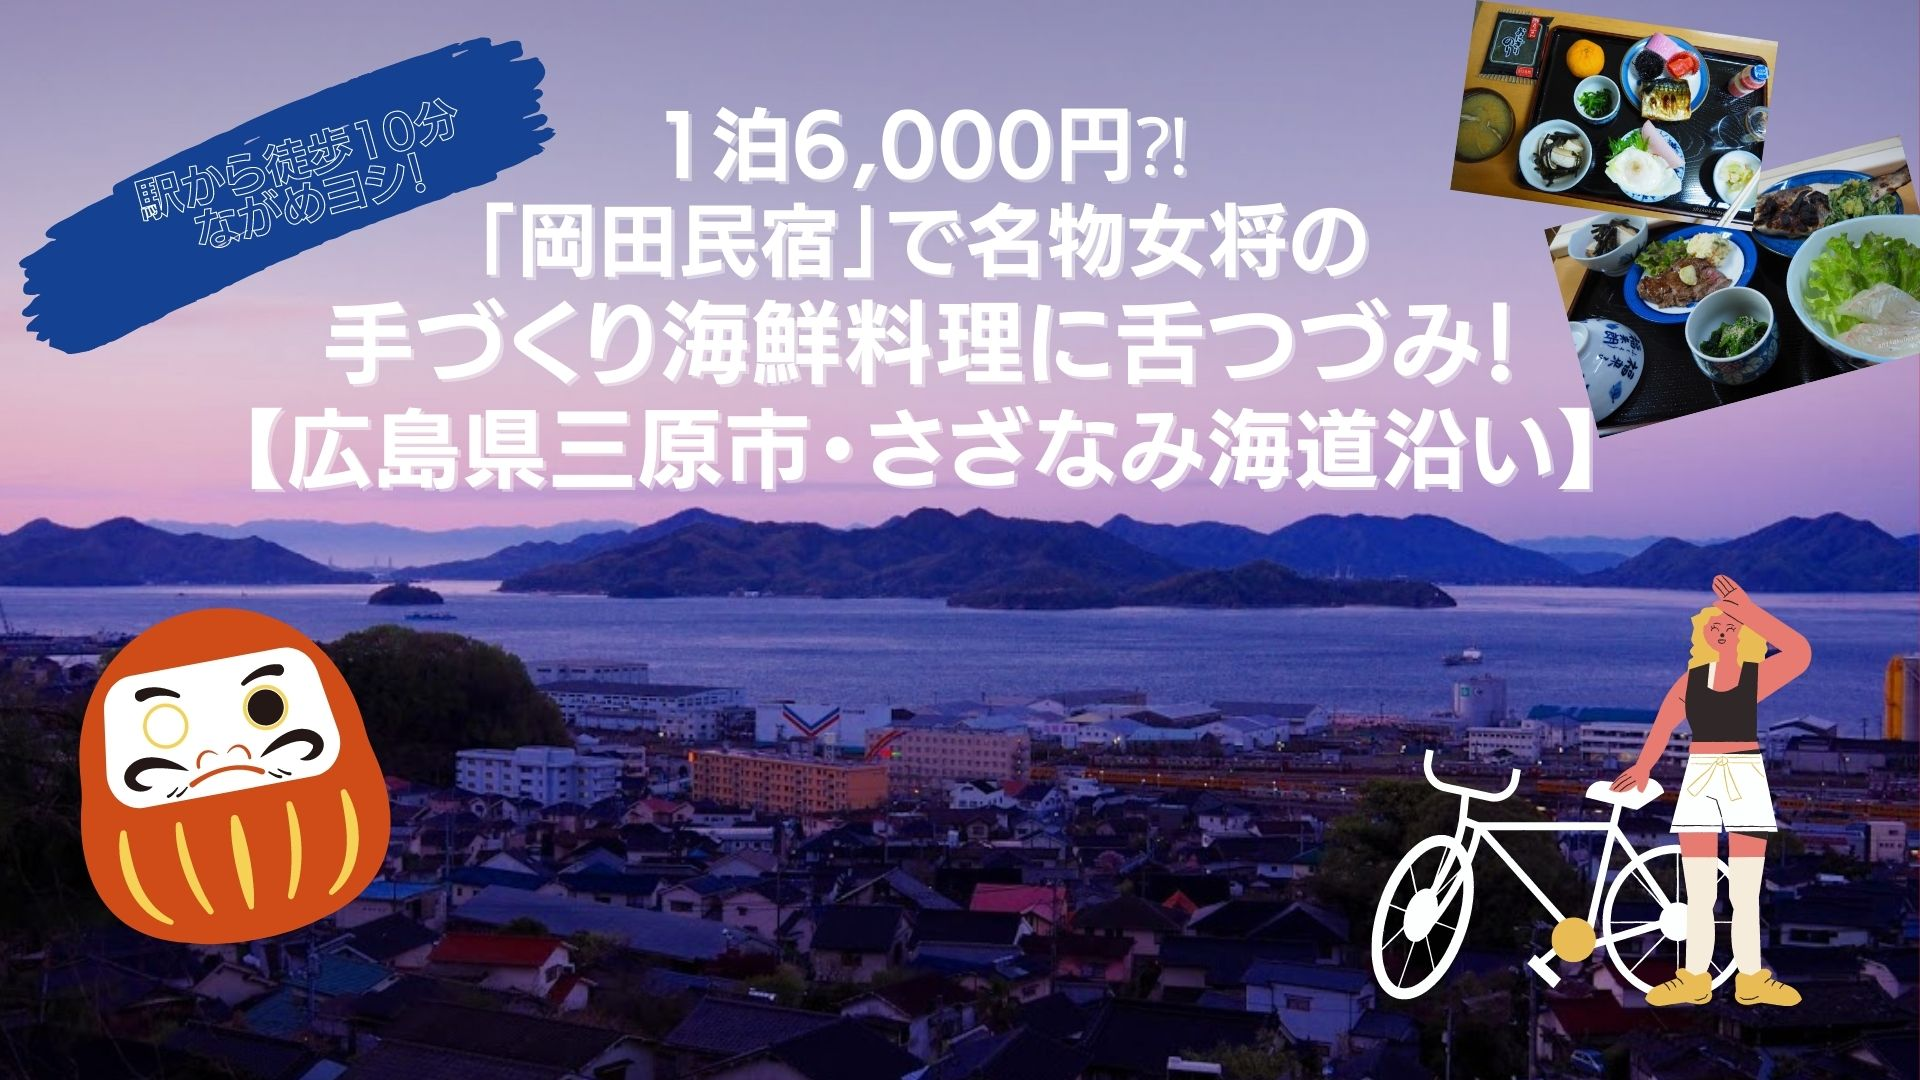 1泊6,000円⁈「岡田民宿」で名物女将の手づくり海鮮料理に舌つづみ!【広島県三原市・さざなみ海道沿い】